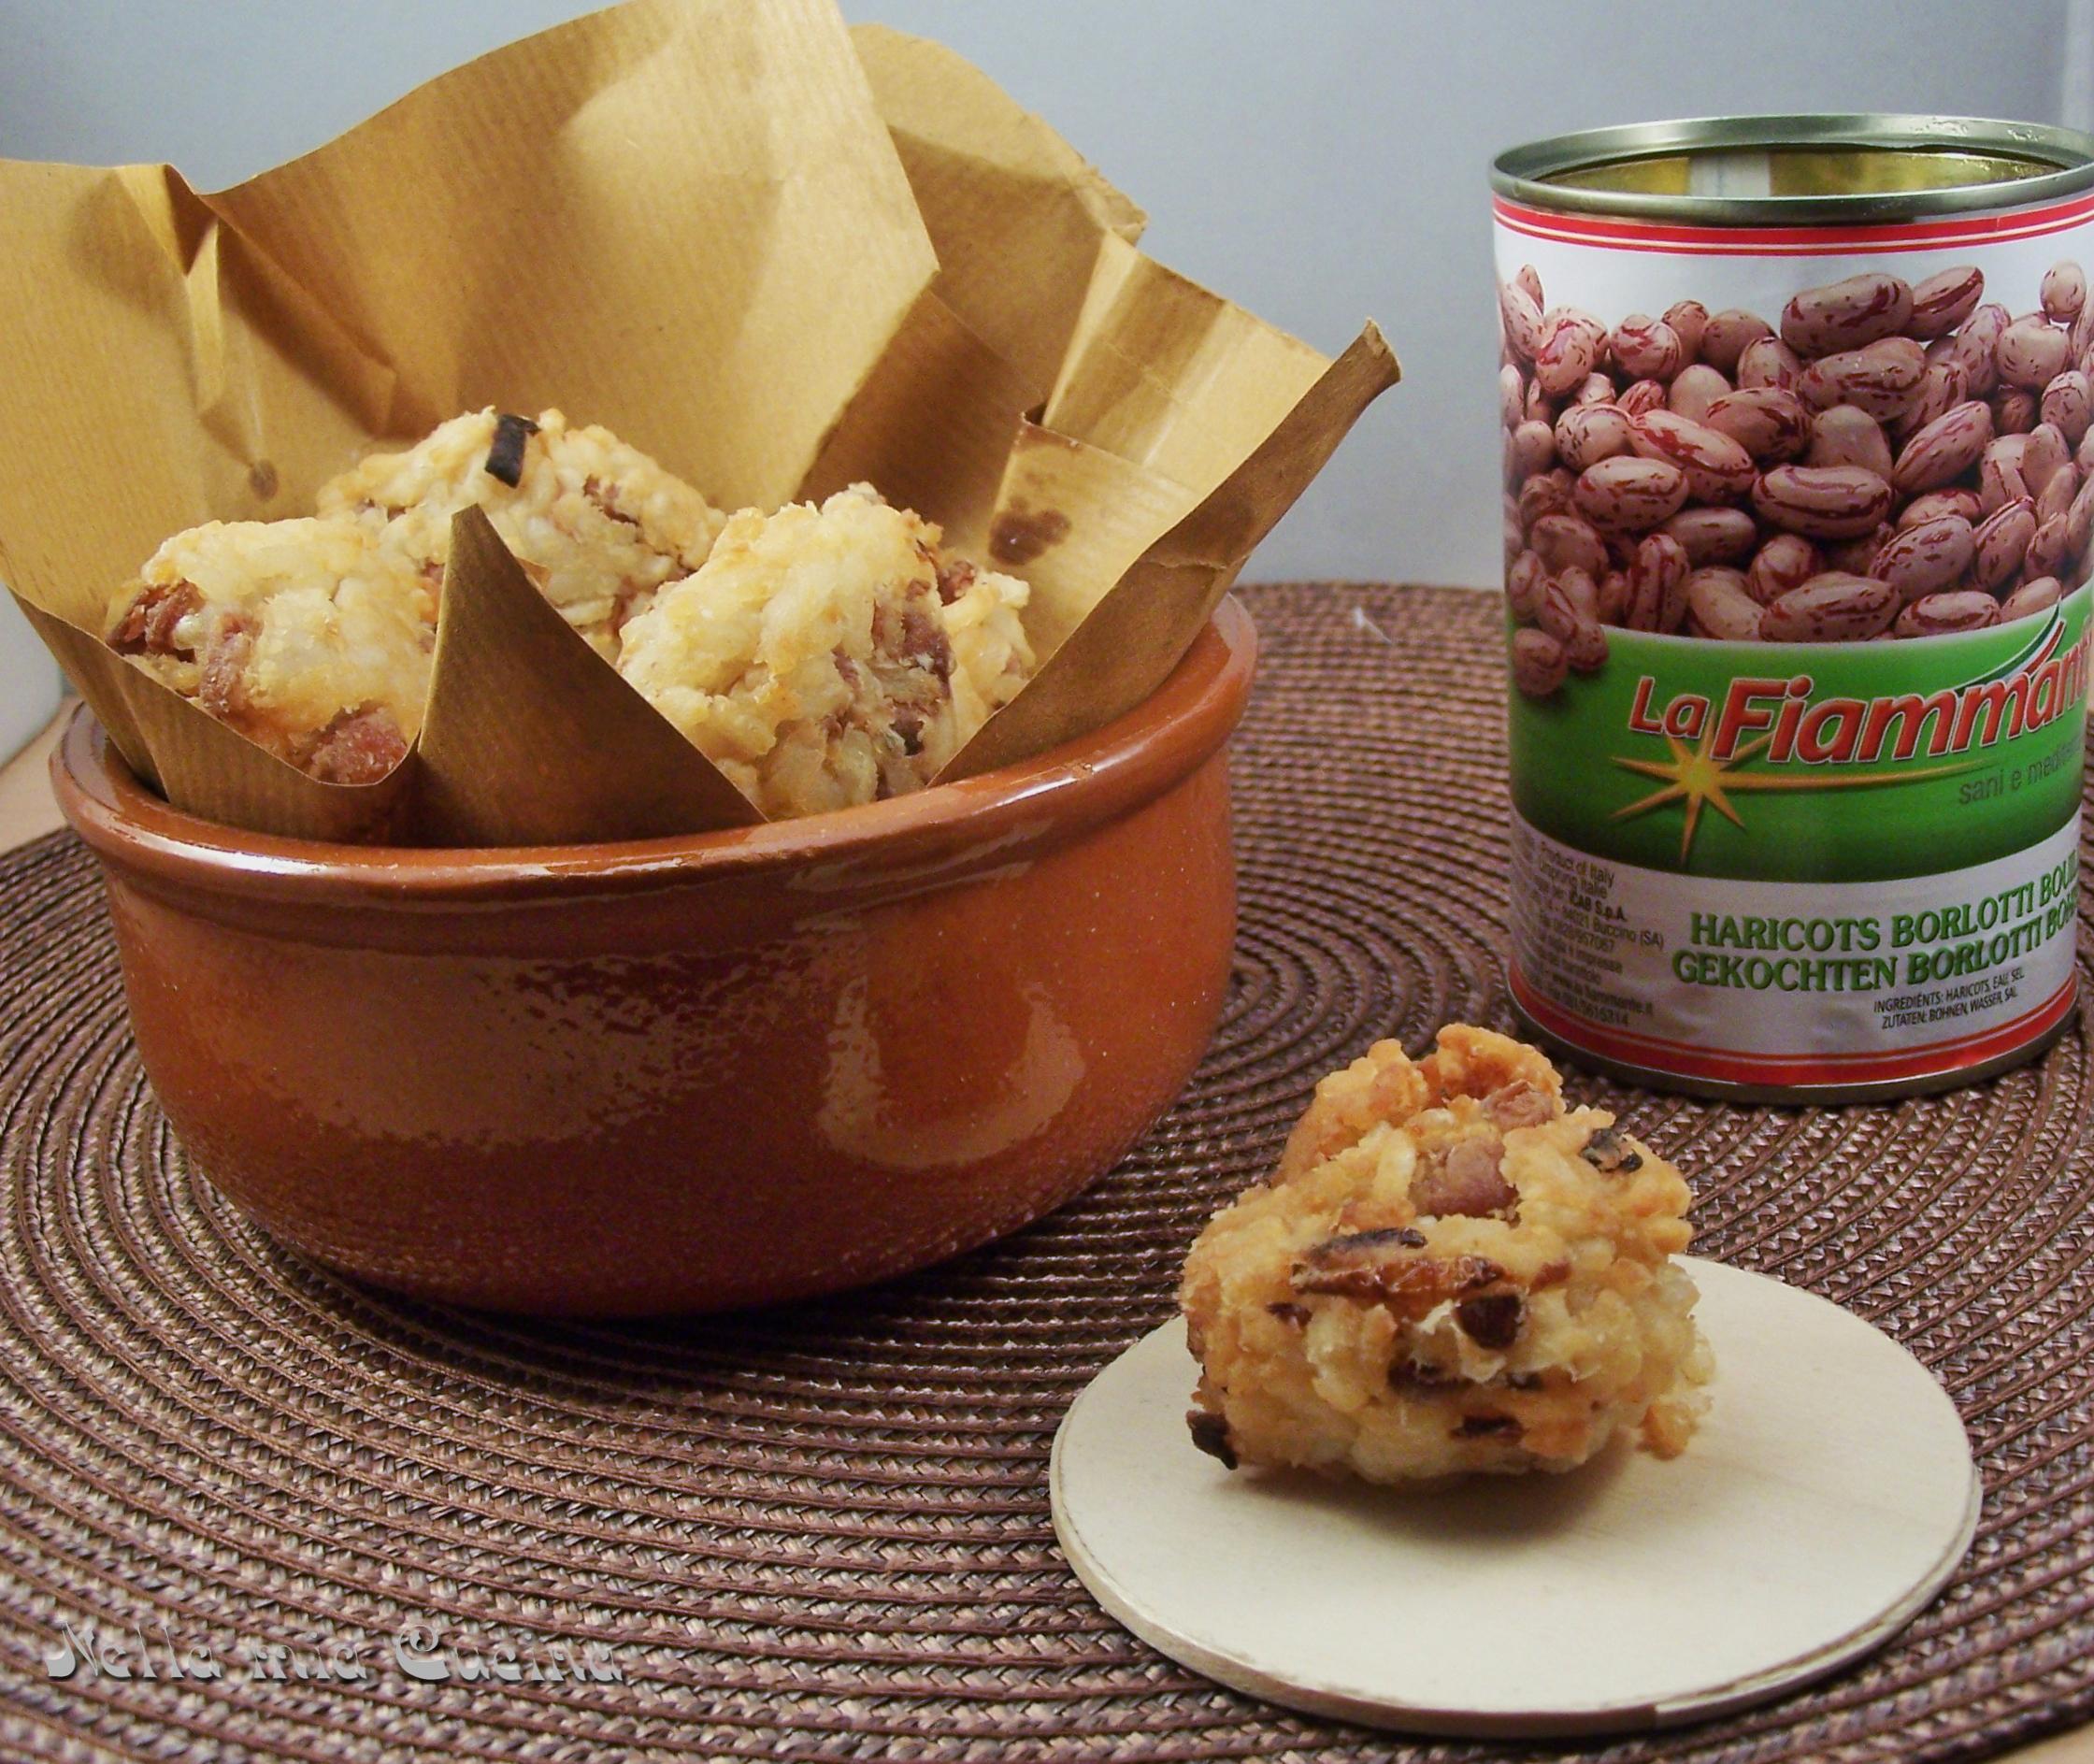 Polpette di riso e fagioli borlotti - Miriam nella Mia Cucina